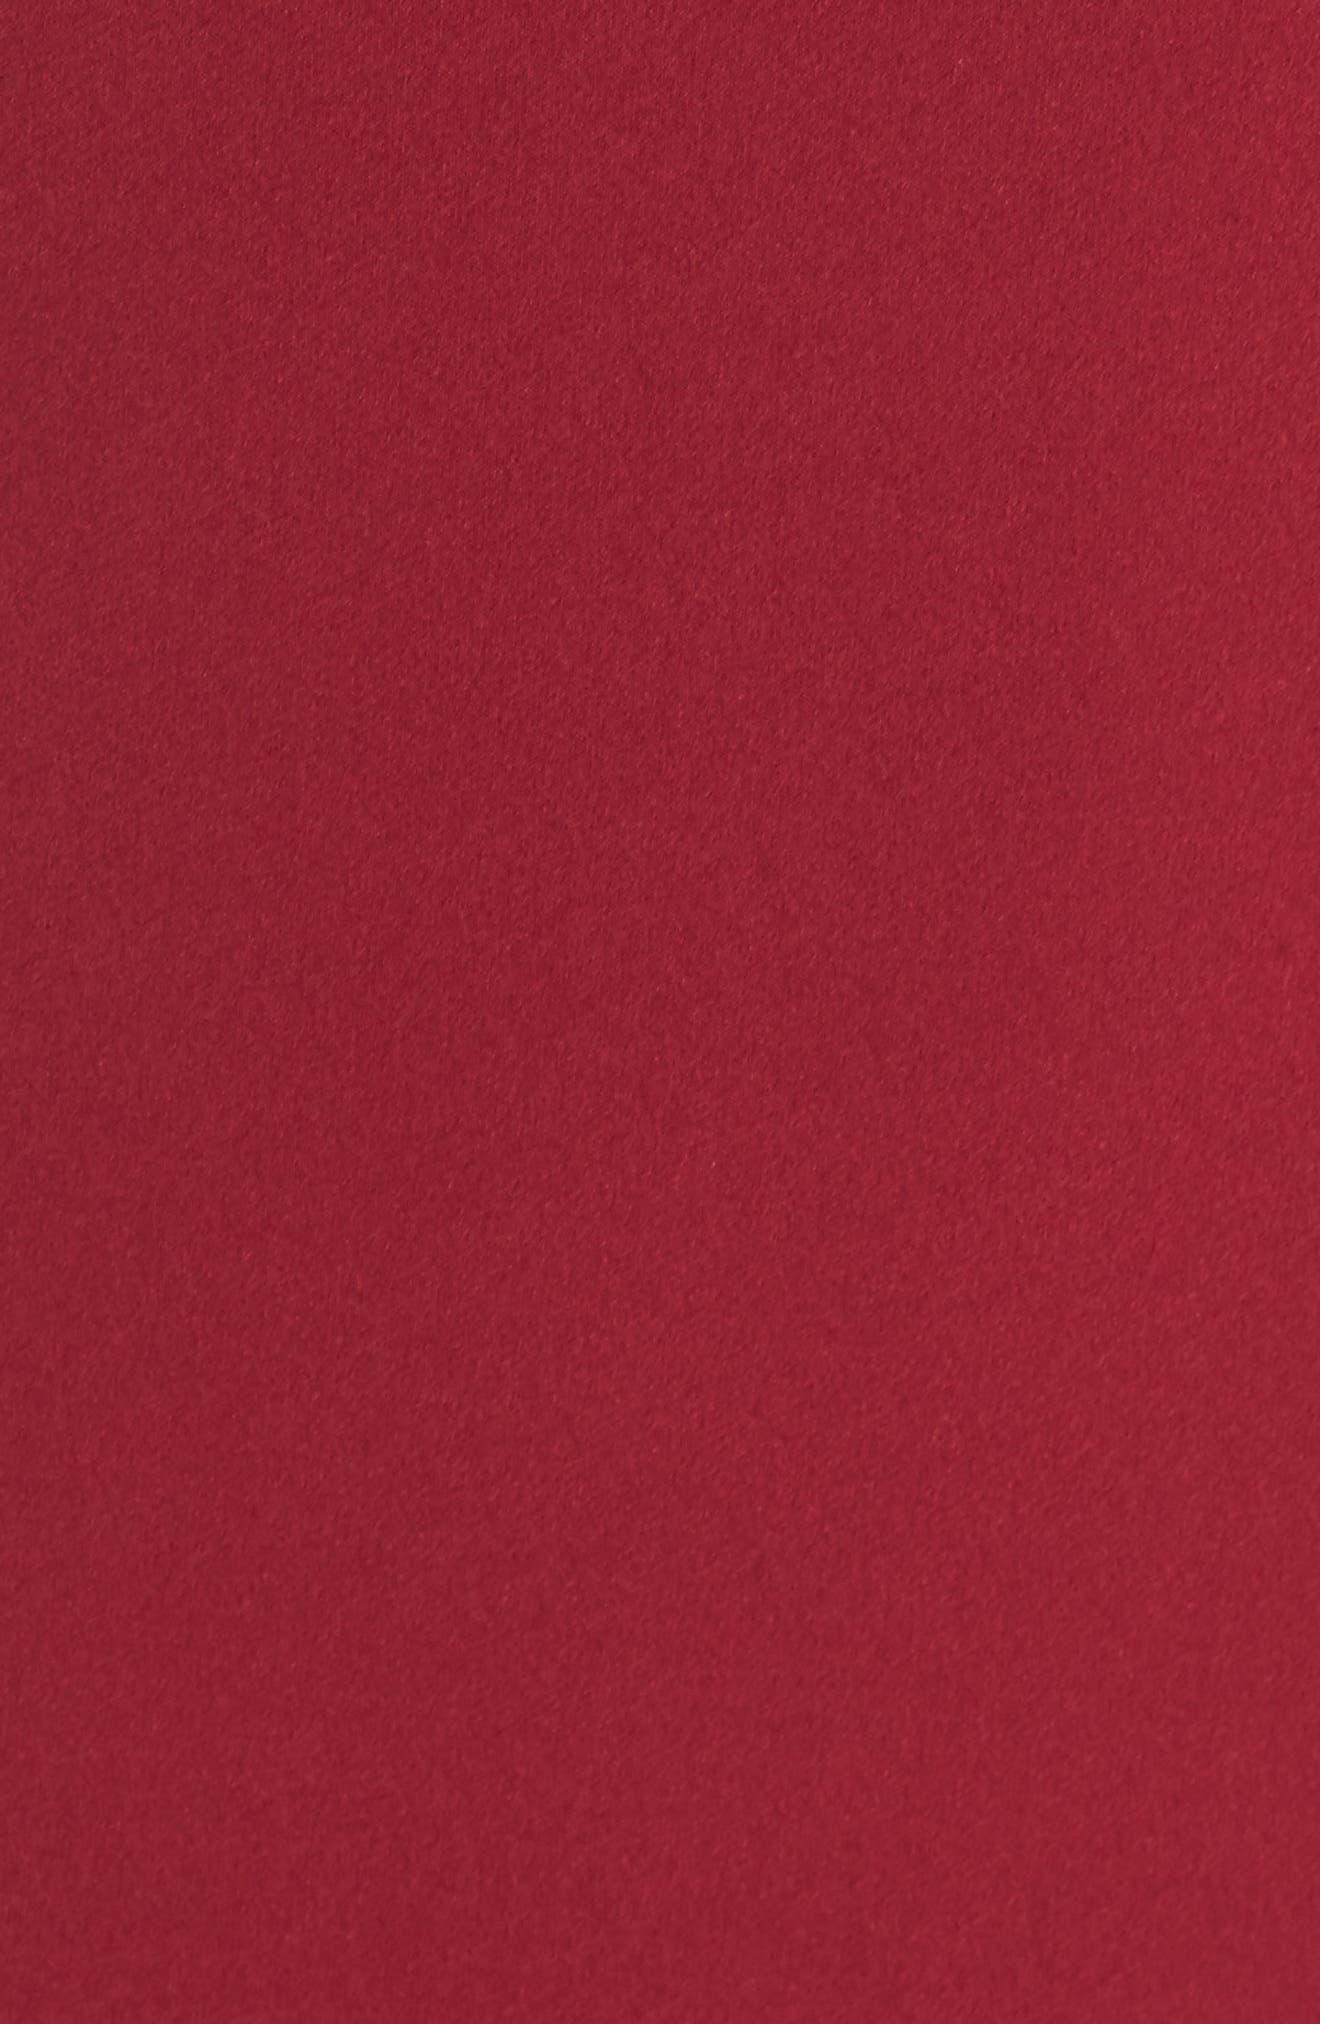 Starlett Gown,                             Alternate thumbnail 5, color,                             Wine